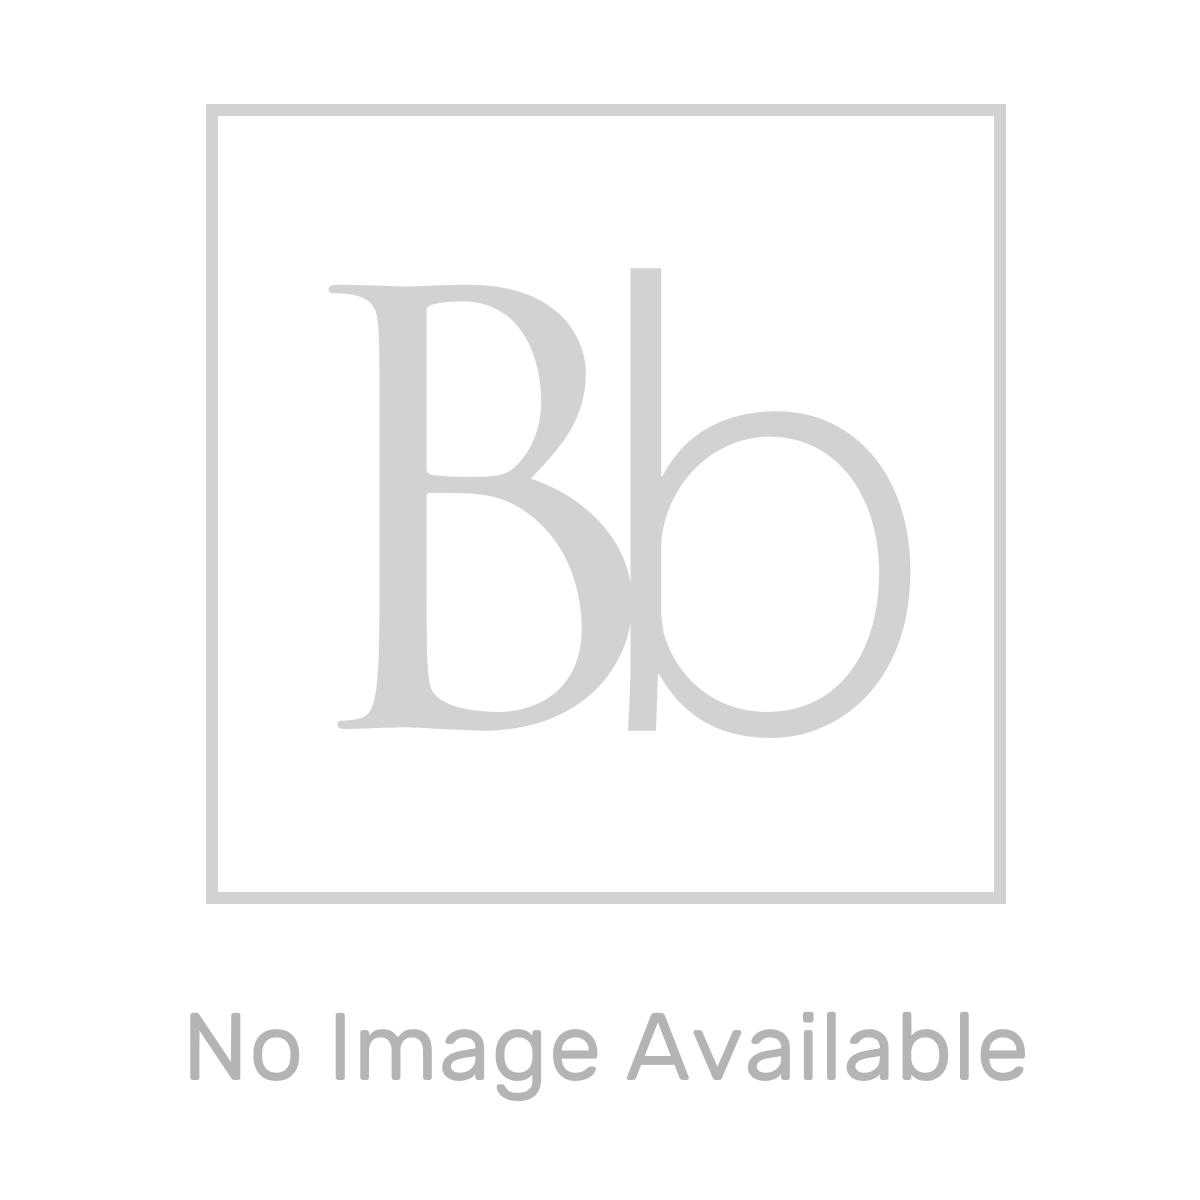 Nuie Athena Driftwood 2 Door Floor Standing Vanity Unit with 18mm Worktop 500mm Line Drawing